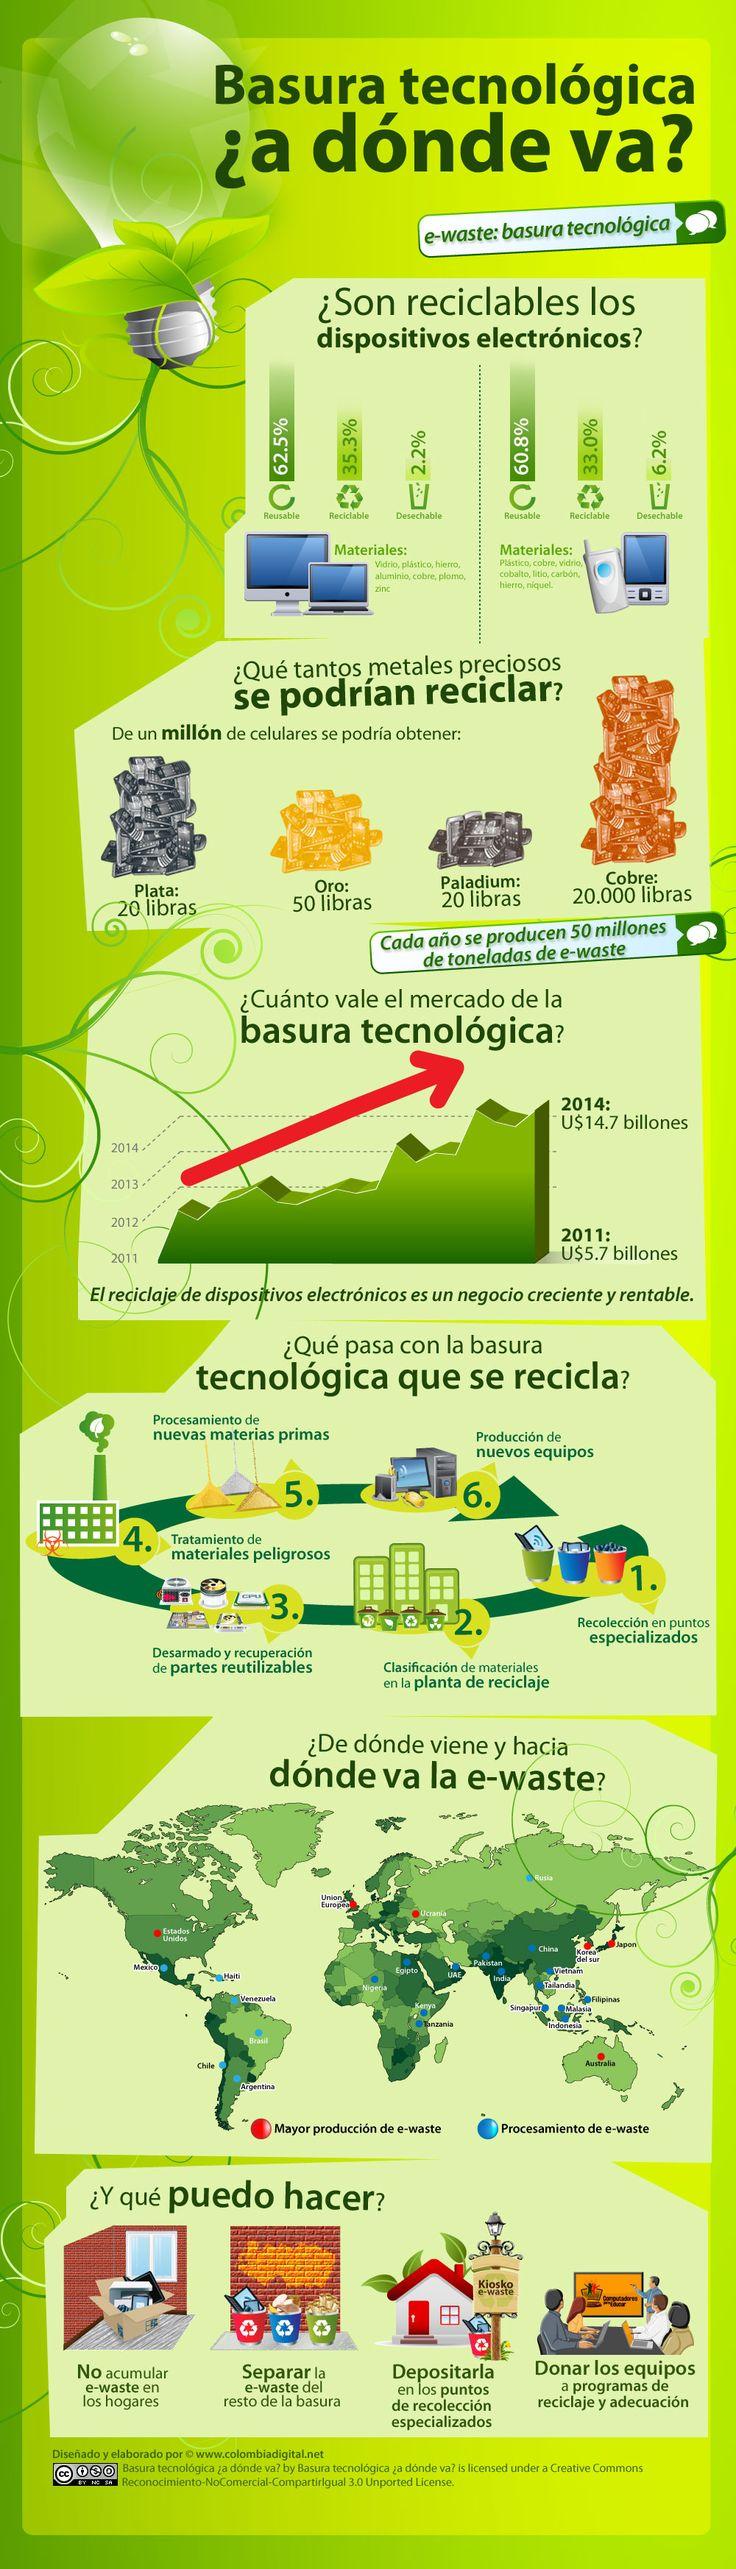 La basura tecnológica, ¿a dónde va?